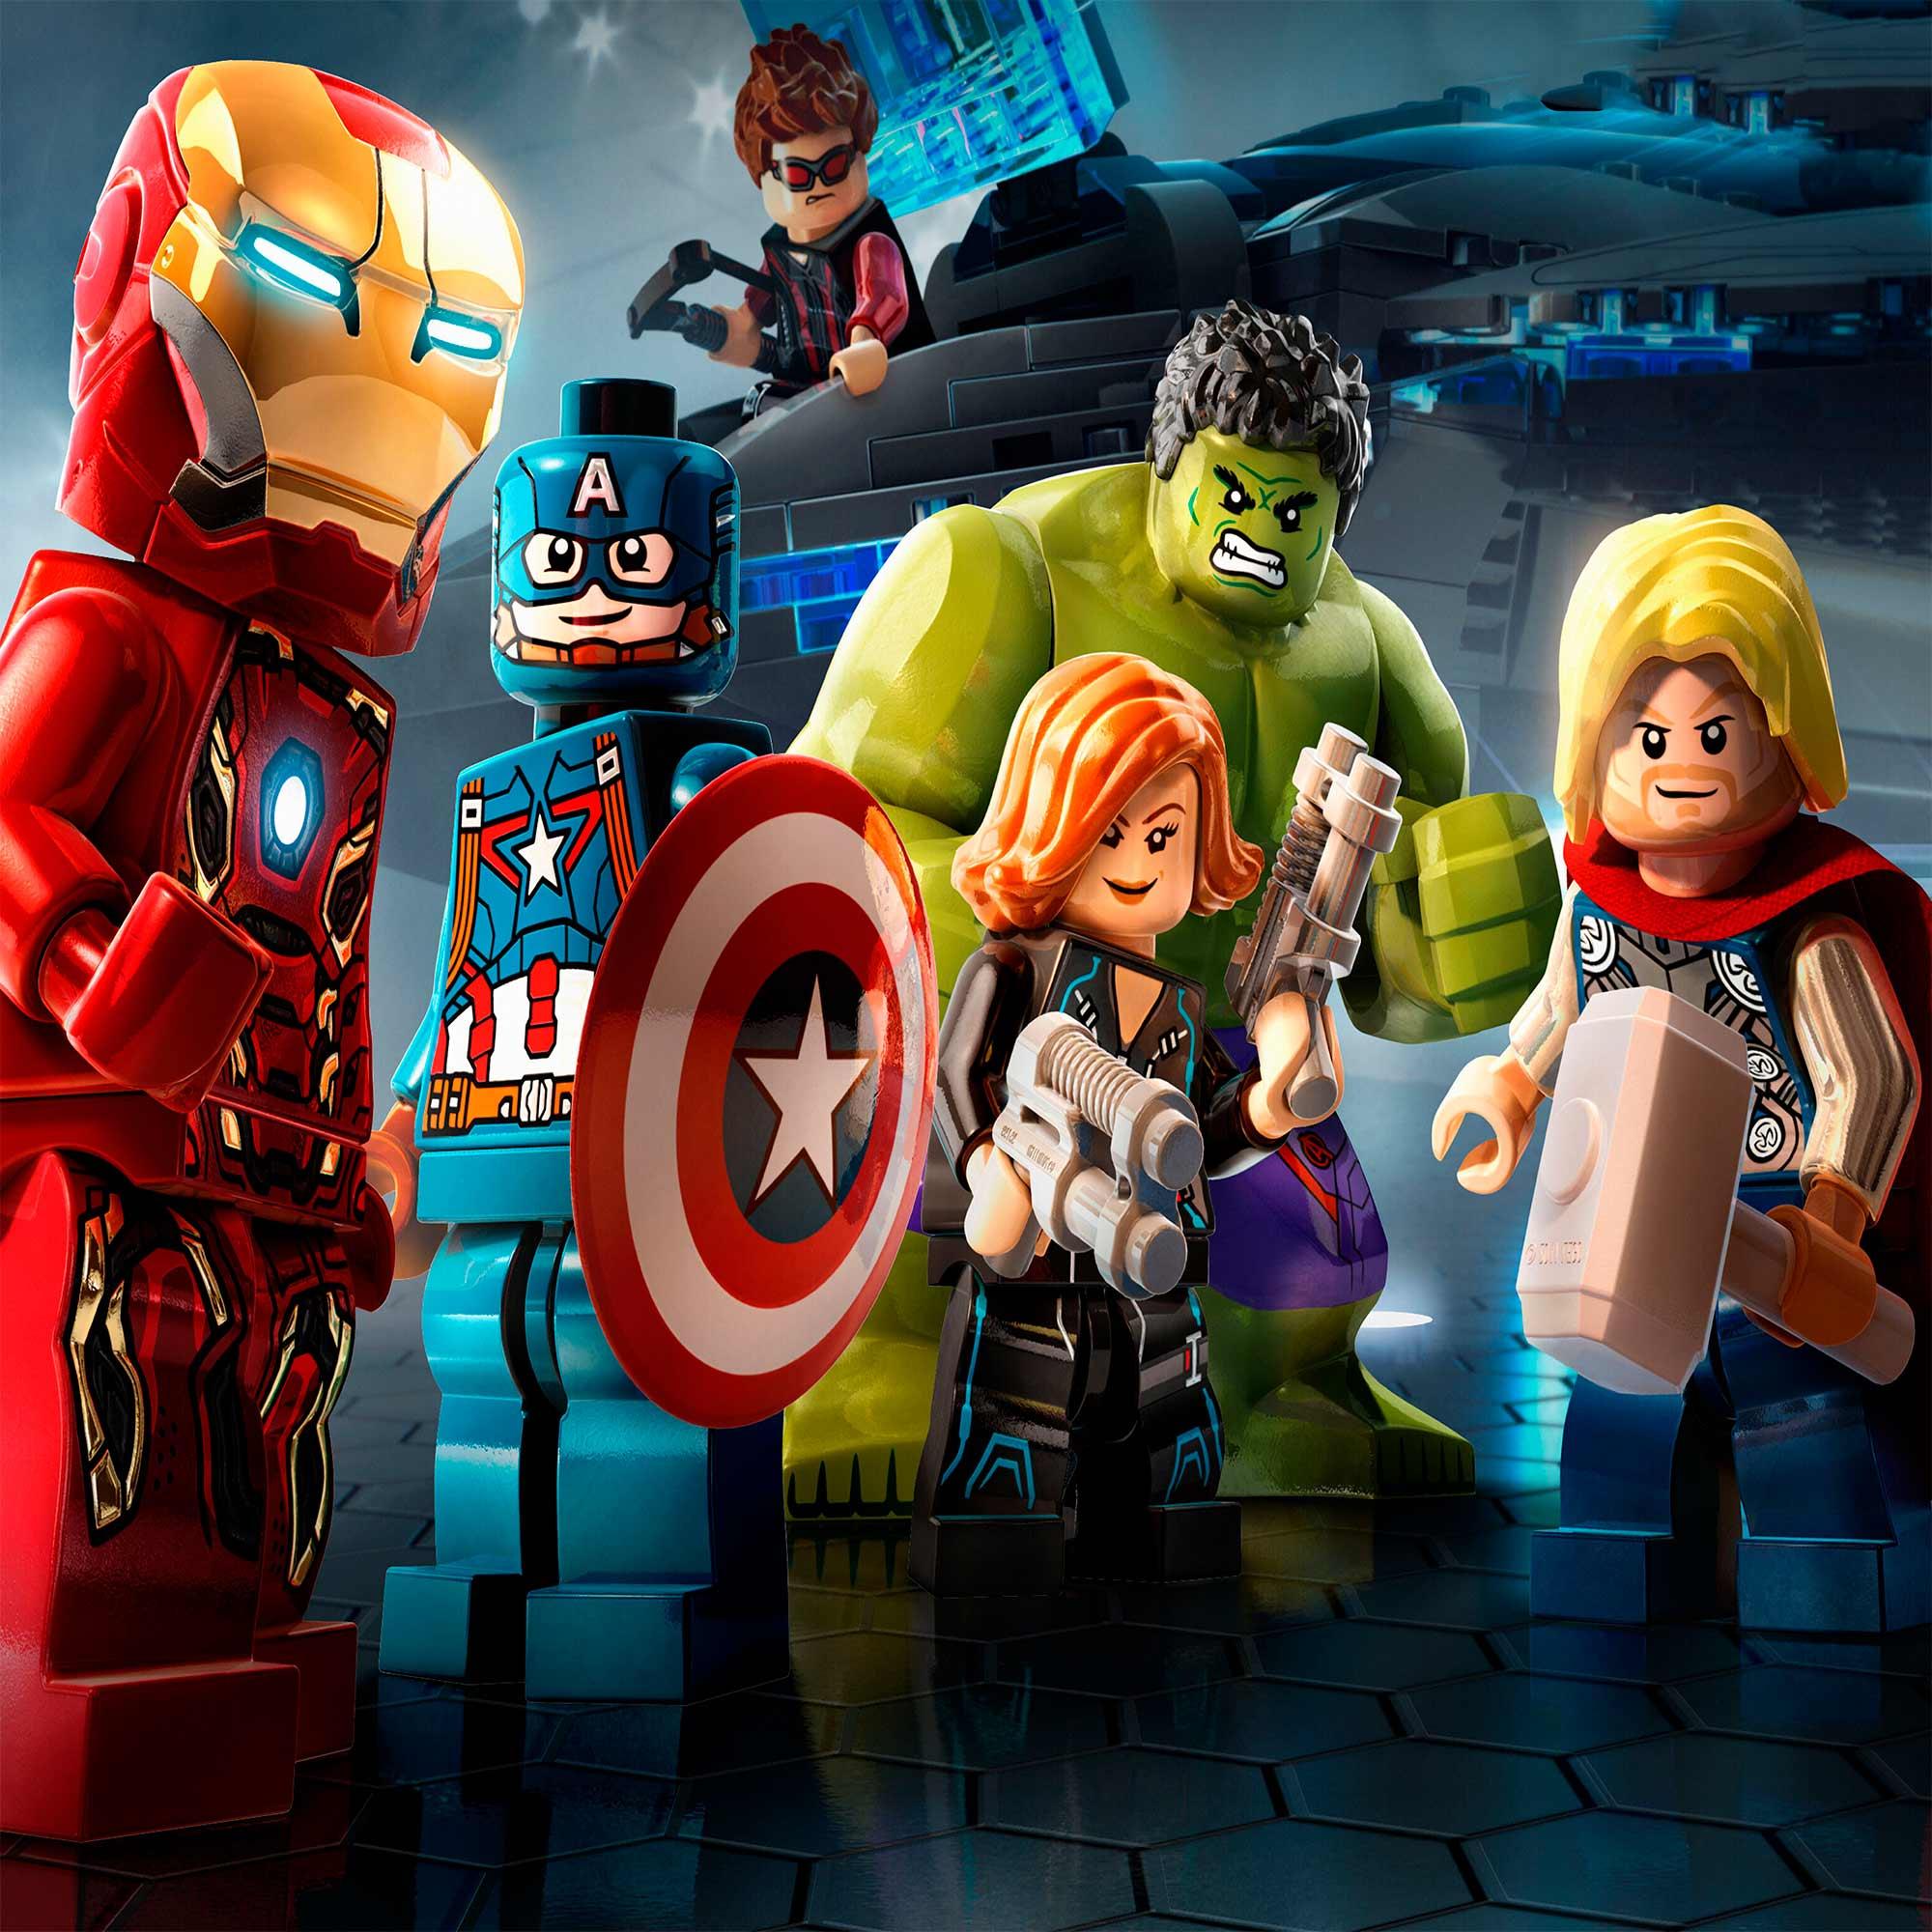 Papel De Parede Adesivo Vingadores Marvel Lego 1X1  - Final Decor